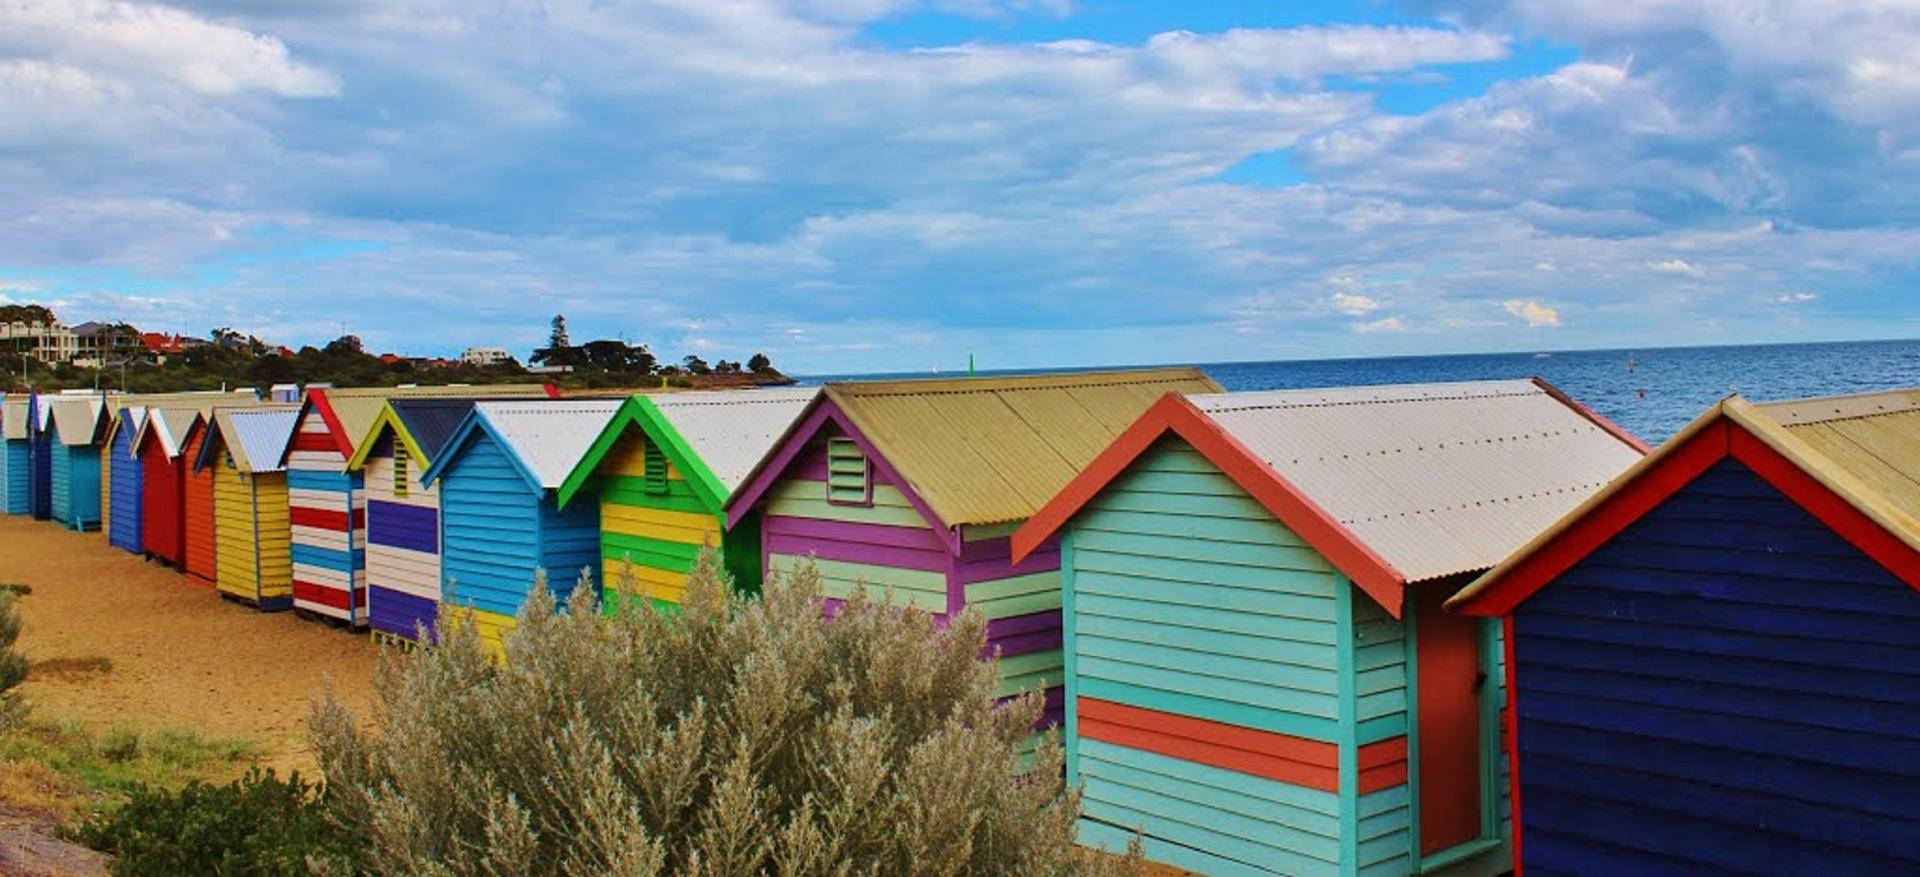 beaches-284684_1920.jpg